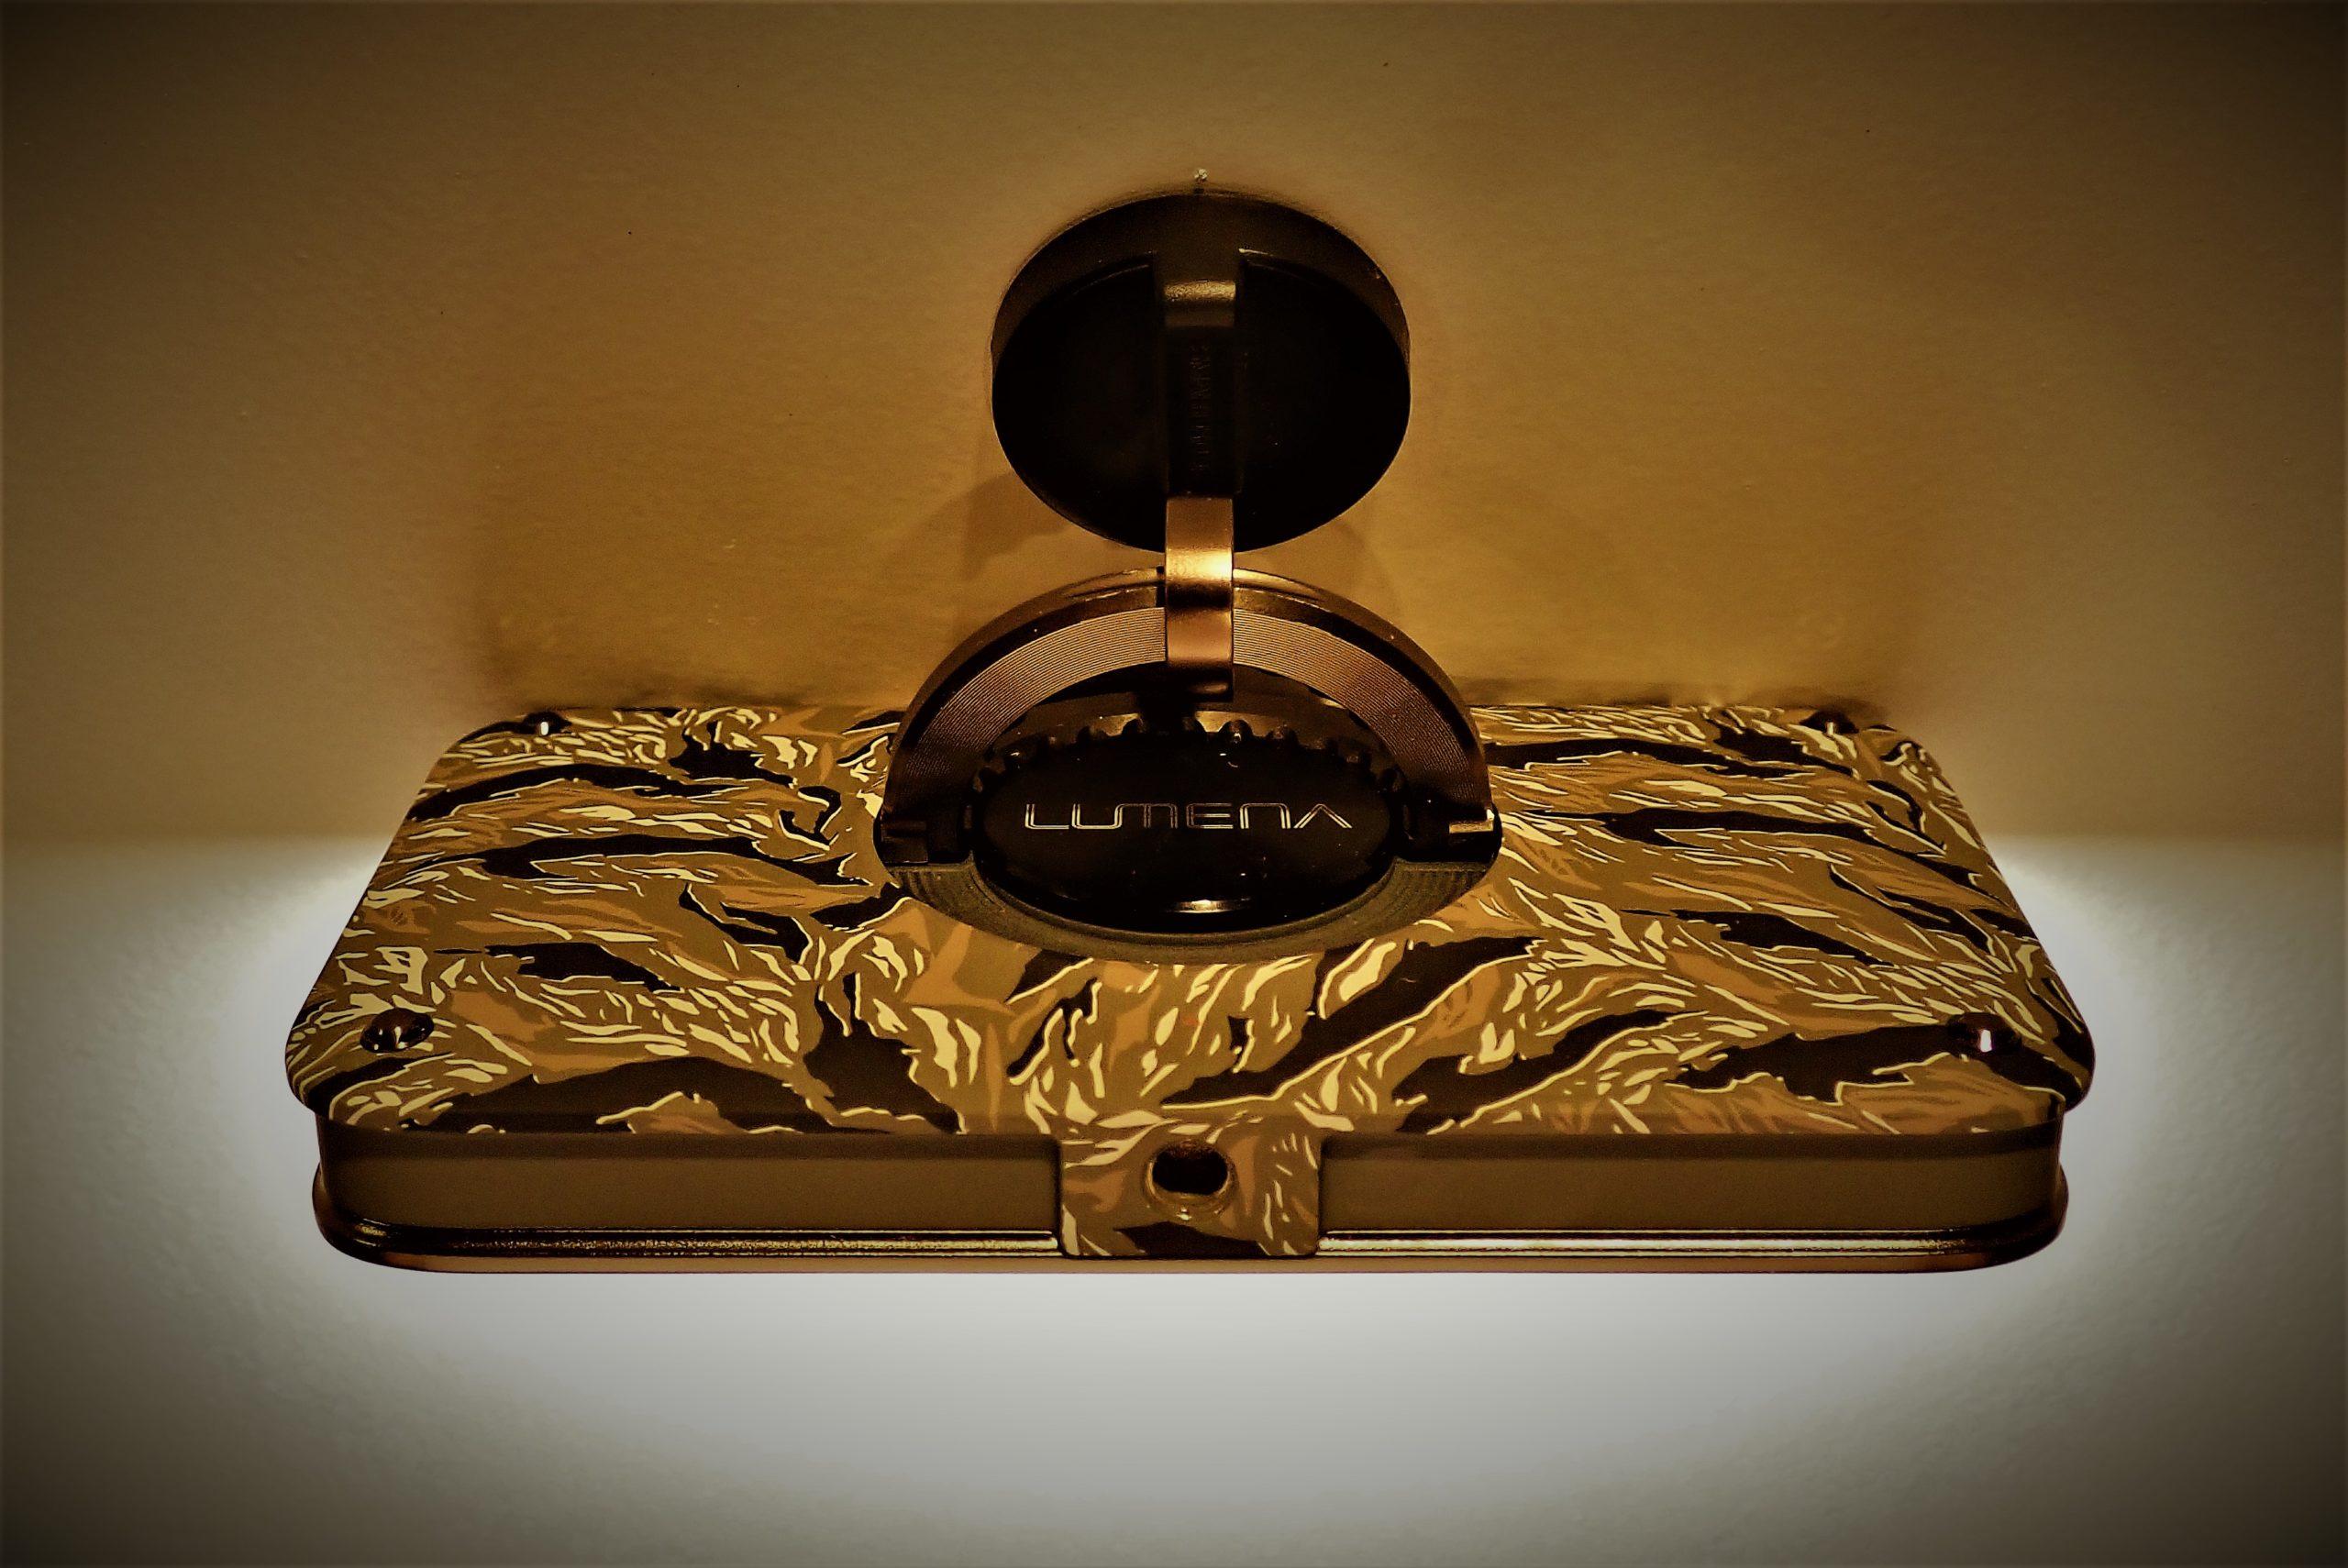 【Lumena 2】洗練されたLEDランタン 防塵・防水!モバイルバッテリーにも